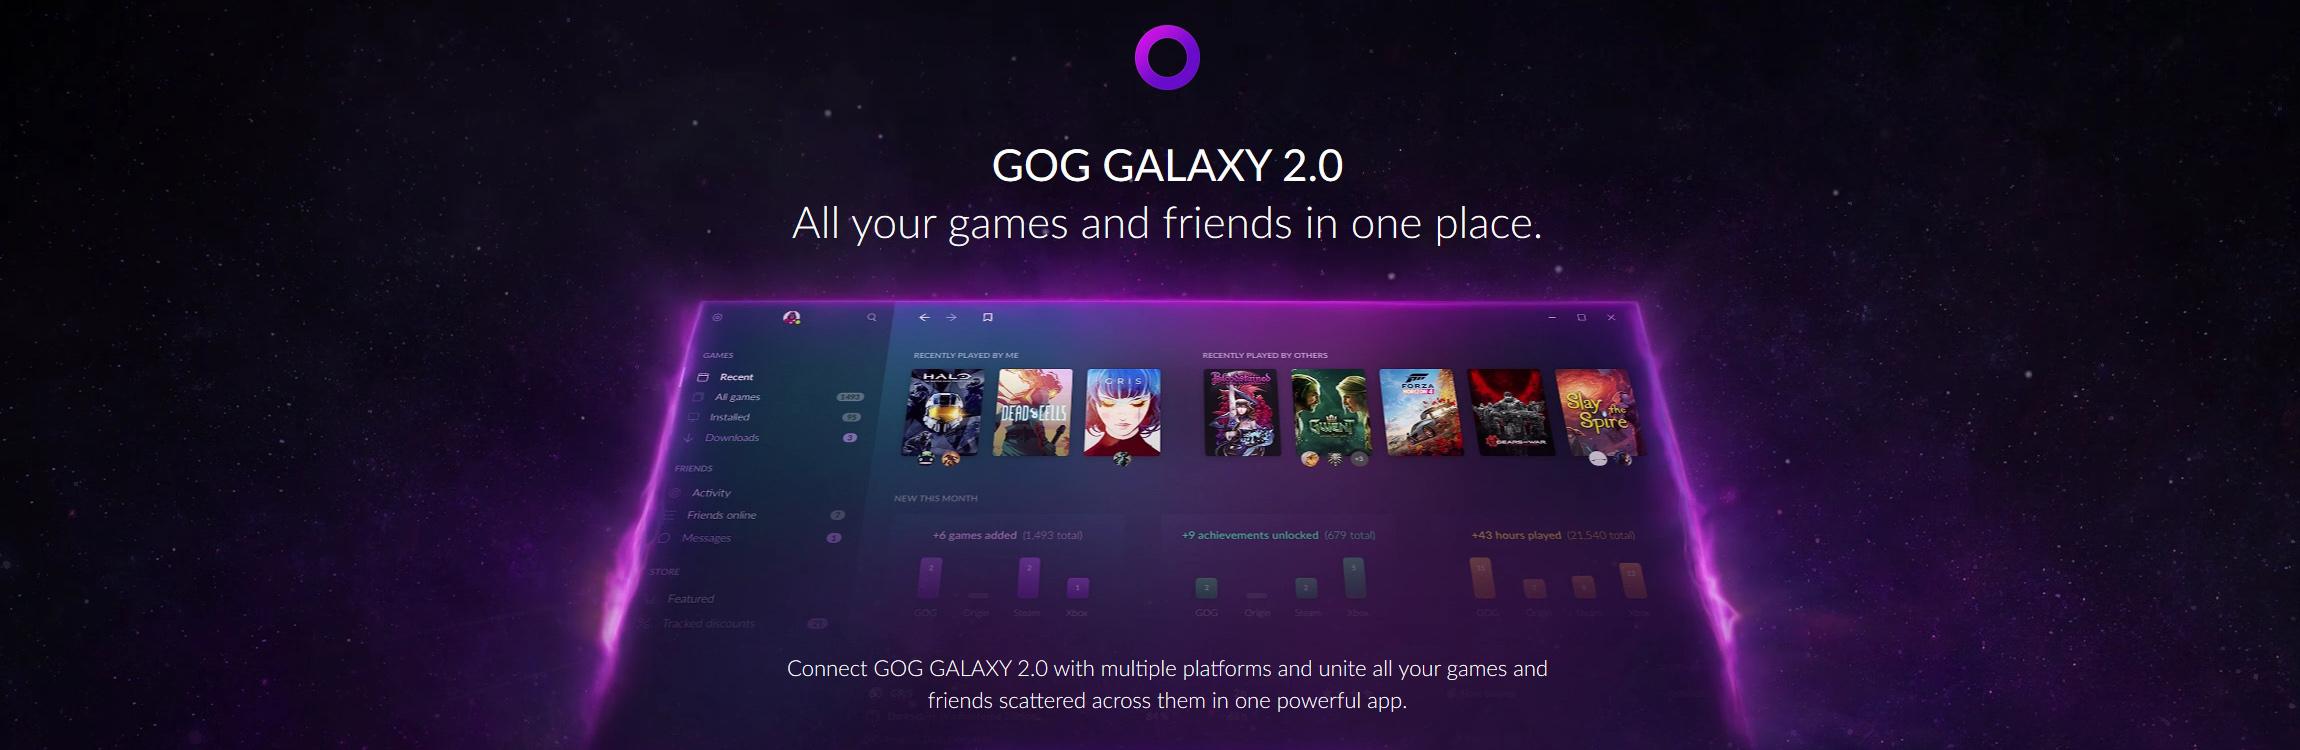 Galaxy 2.0